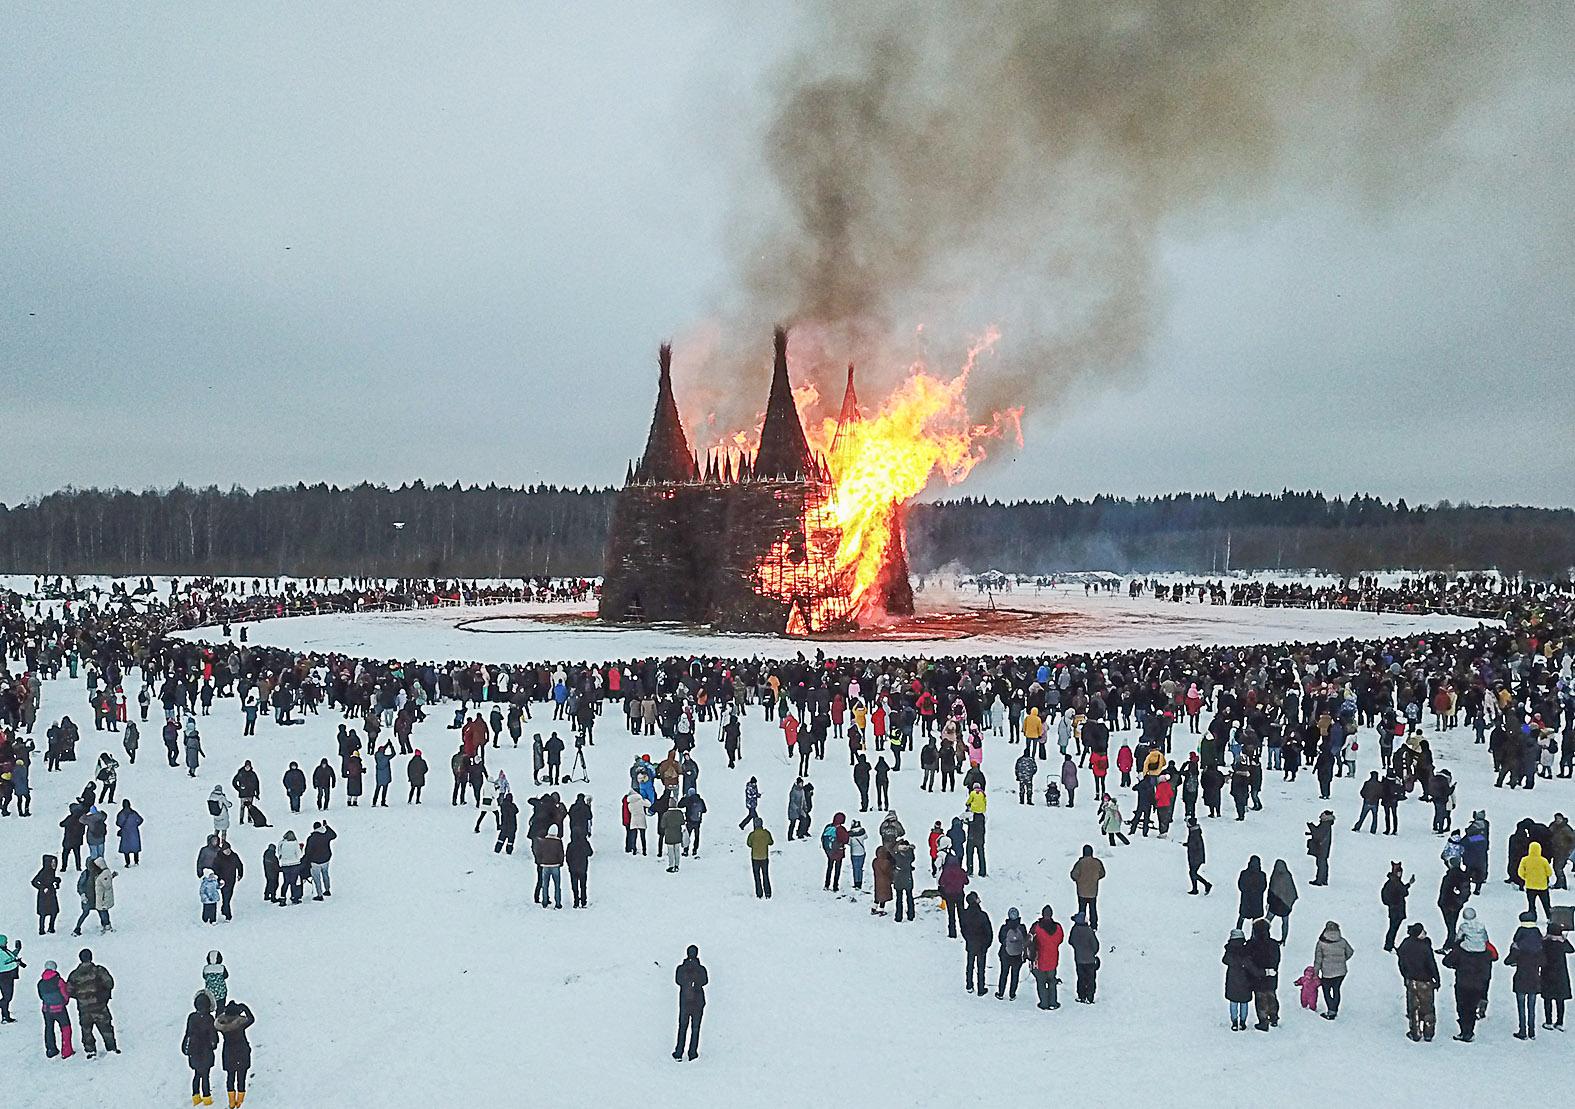 """Látogatók nézik a Kaluga tartományban található Nikola Lenivec faluban tartott a tél végét jelző pogány ünnepen, a Maszlenyica fesztiválon a felgyújtott """"oltás tornya"""" installáció lángolását 2021. március 13-án #moszkvater"""